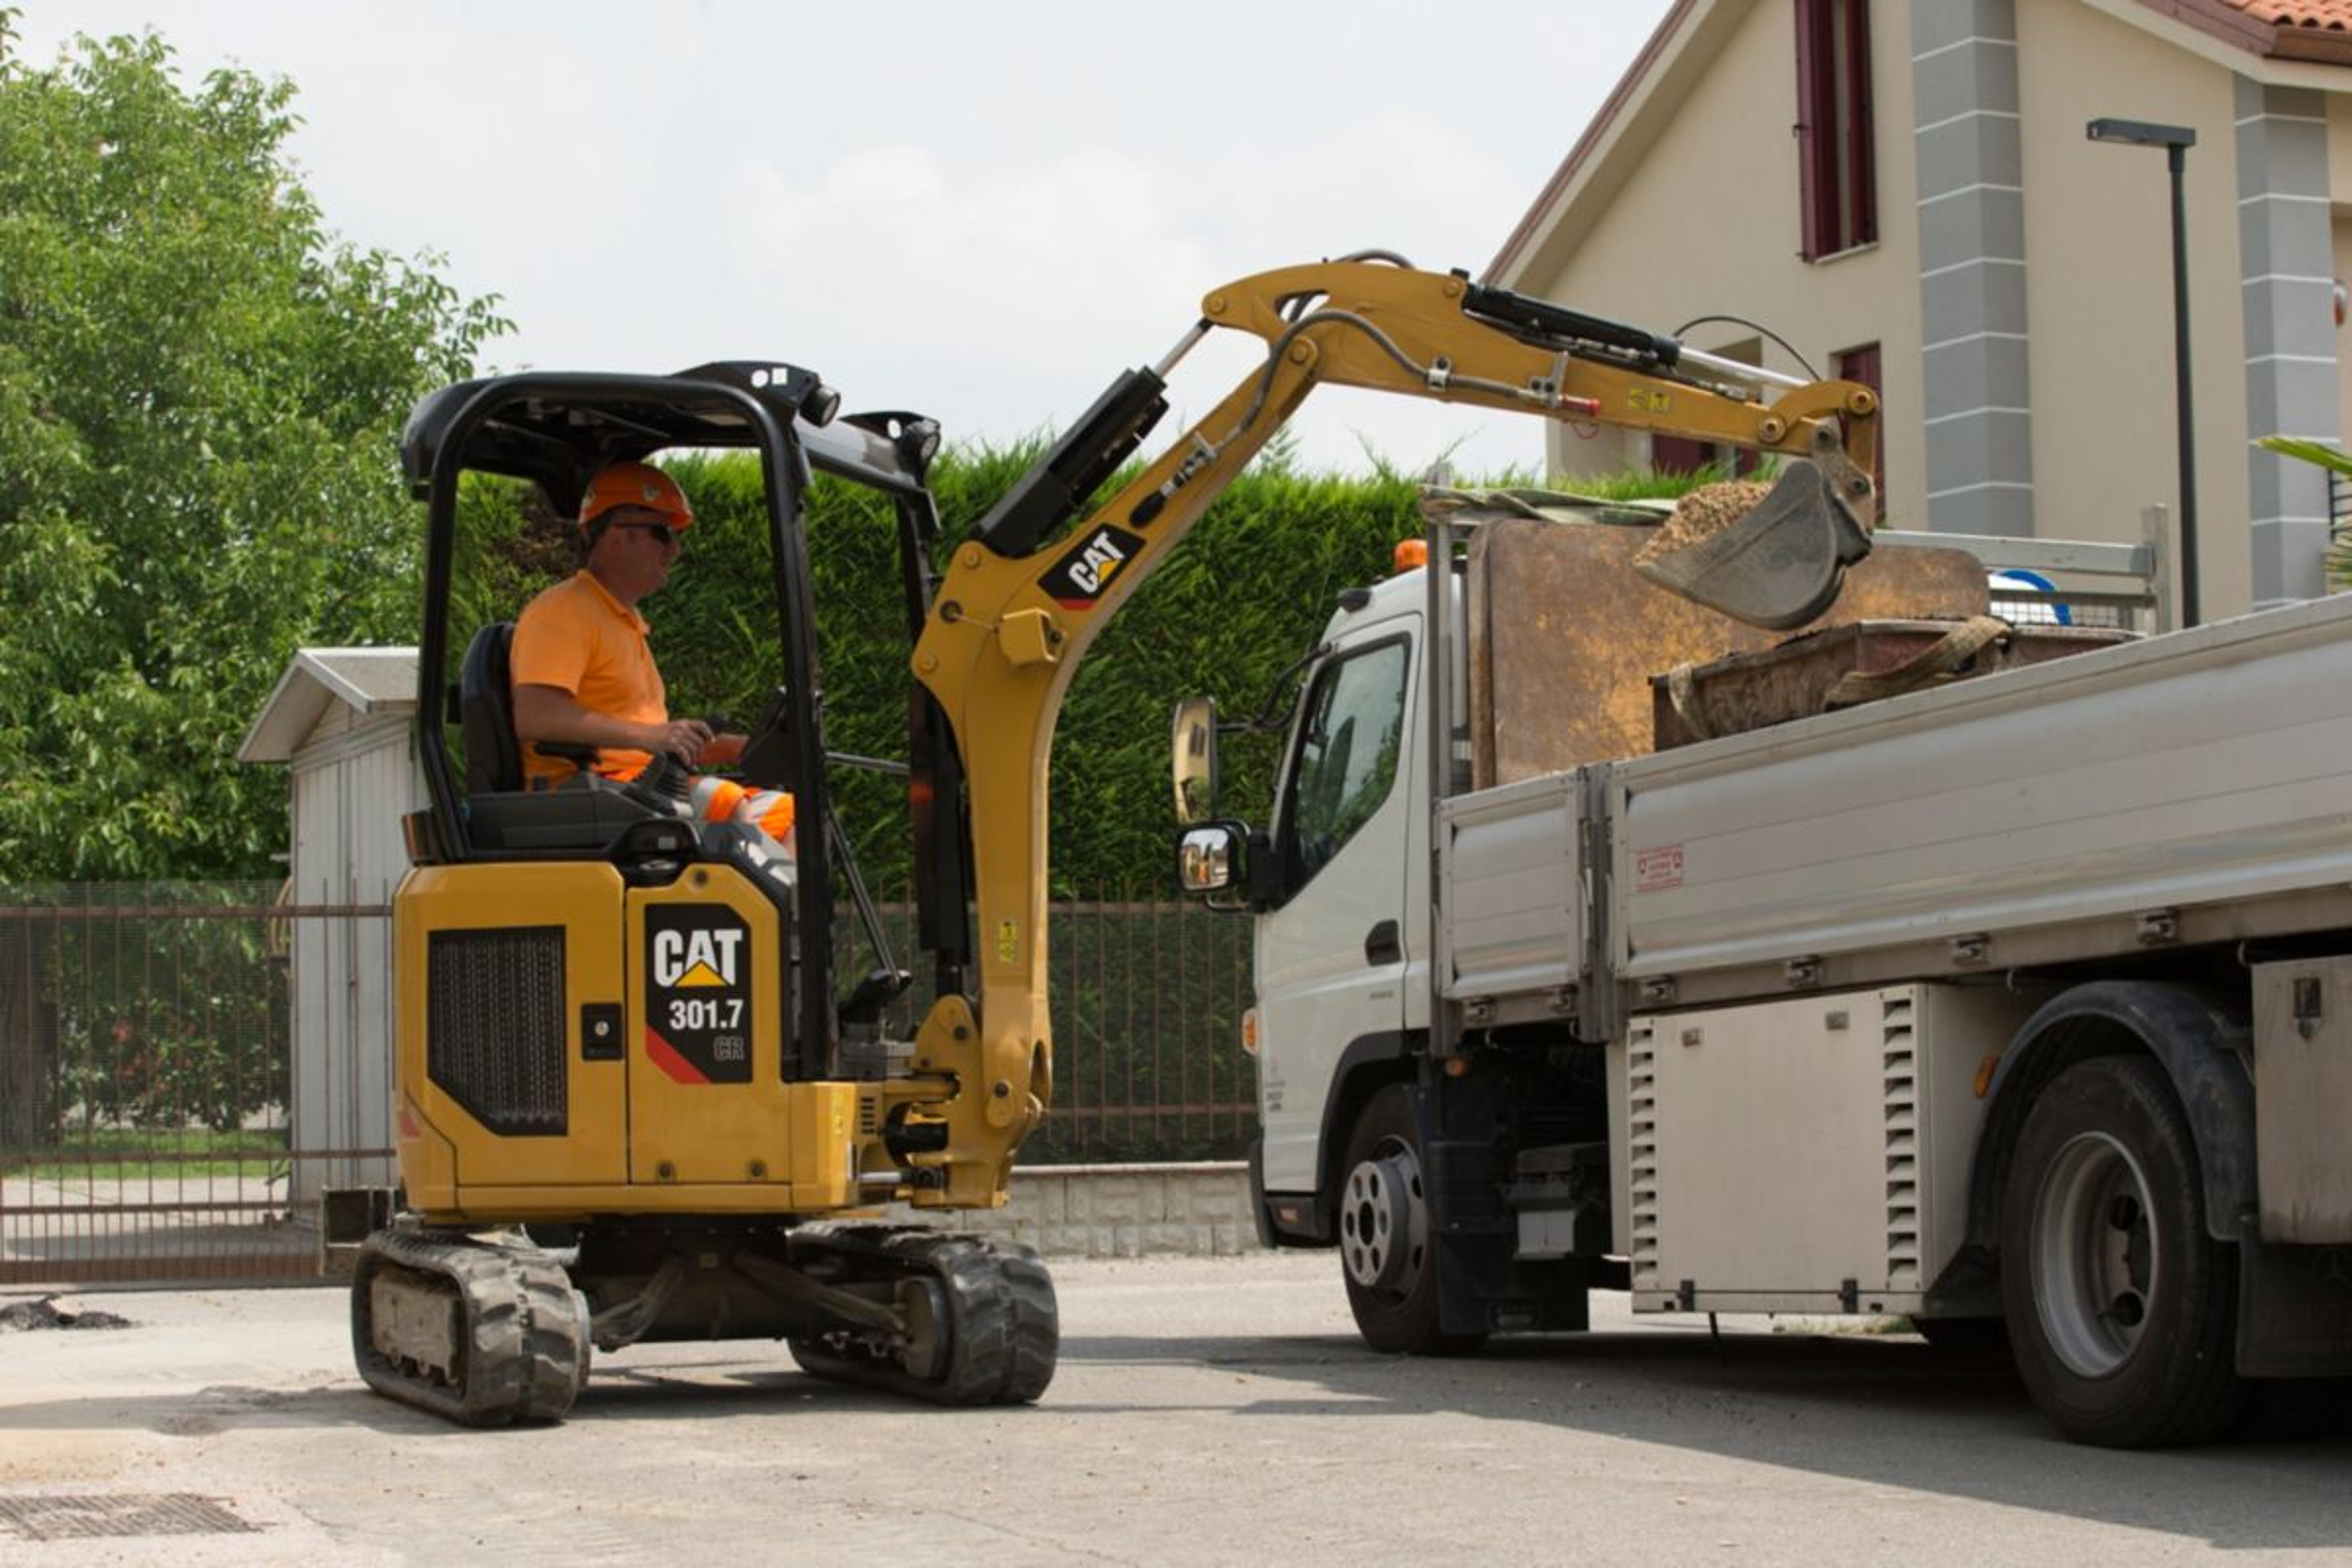 operatore in un escavatore